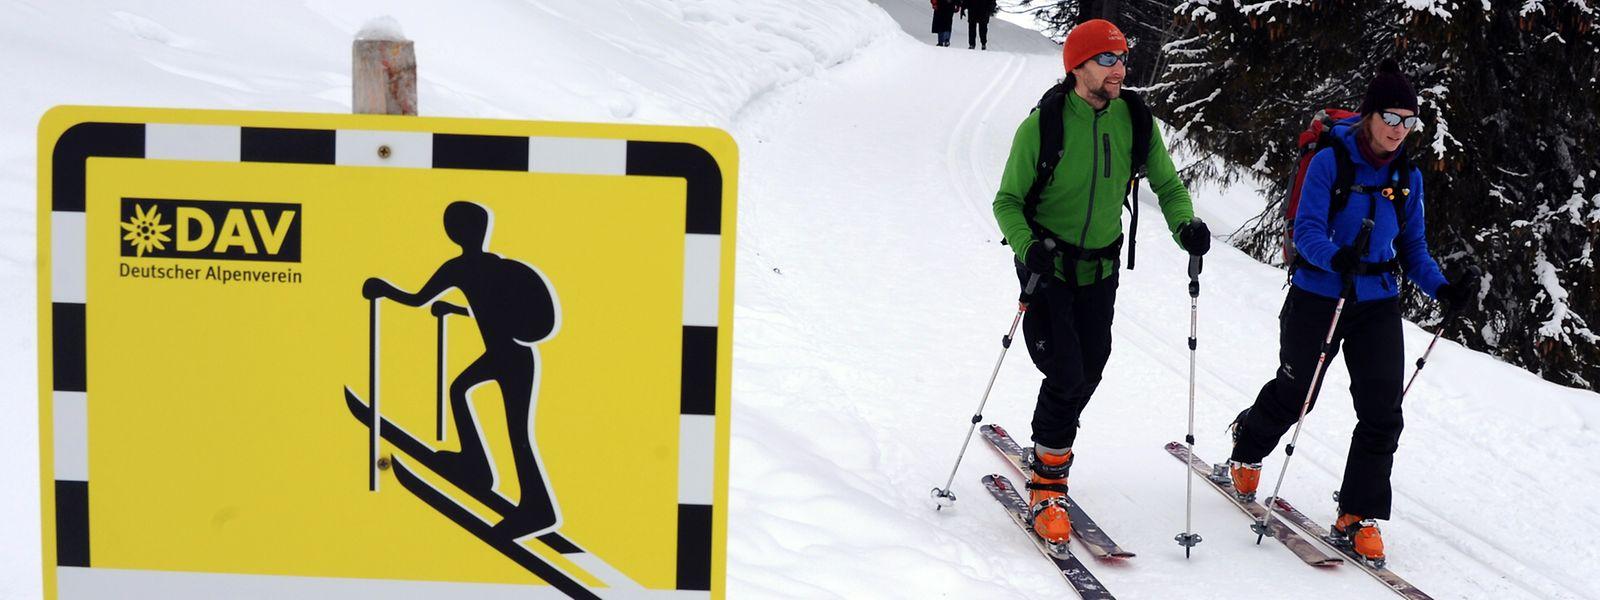 Hier geht es bergauf: Der Alpenverein sorgt unter anderem für die Markierung von Aufstiegsrouten.